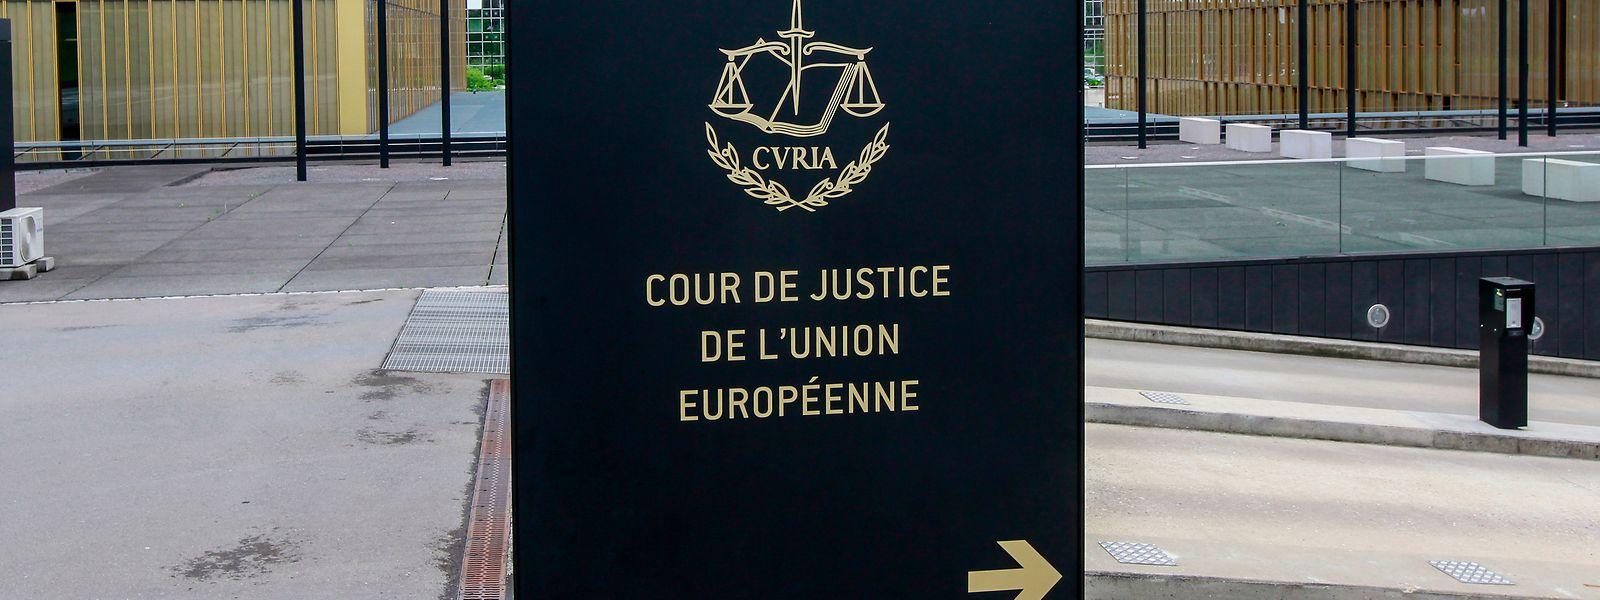 Sollte die EU-Kommission zu der Einschätzung kommen, dass Polen dem Urteil nicht nachkommt, könnte sie erneut vor dem EuGH klagen.